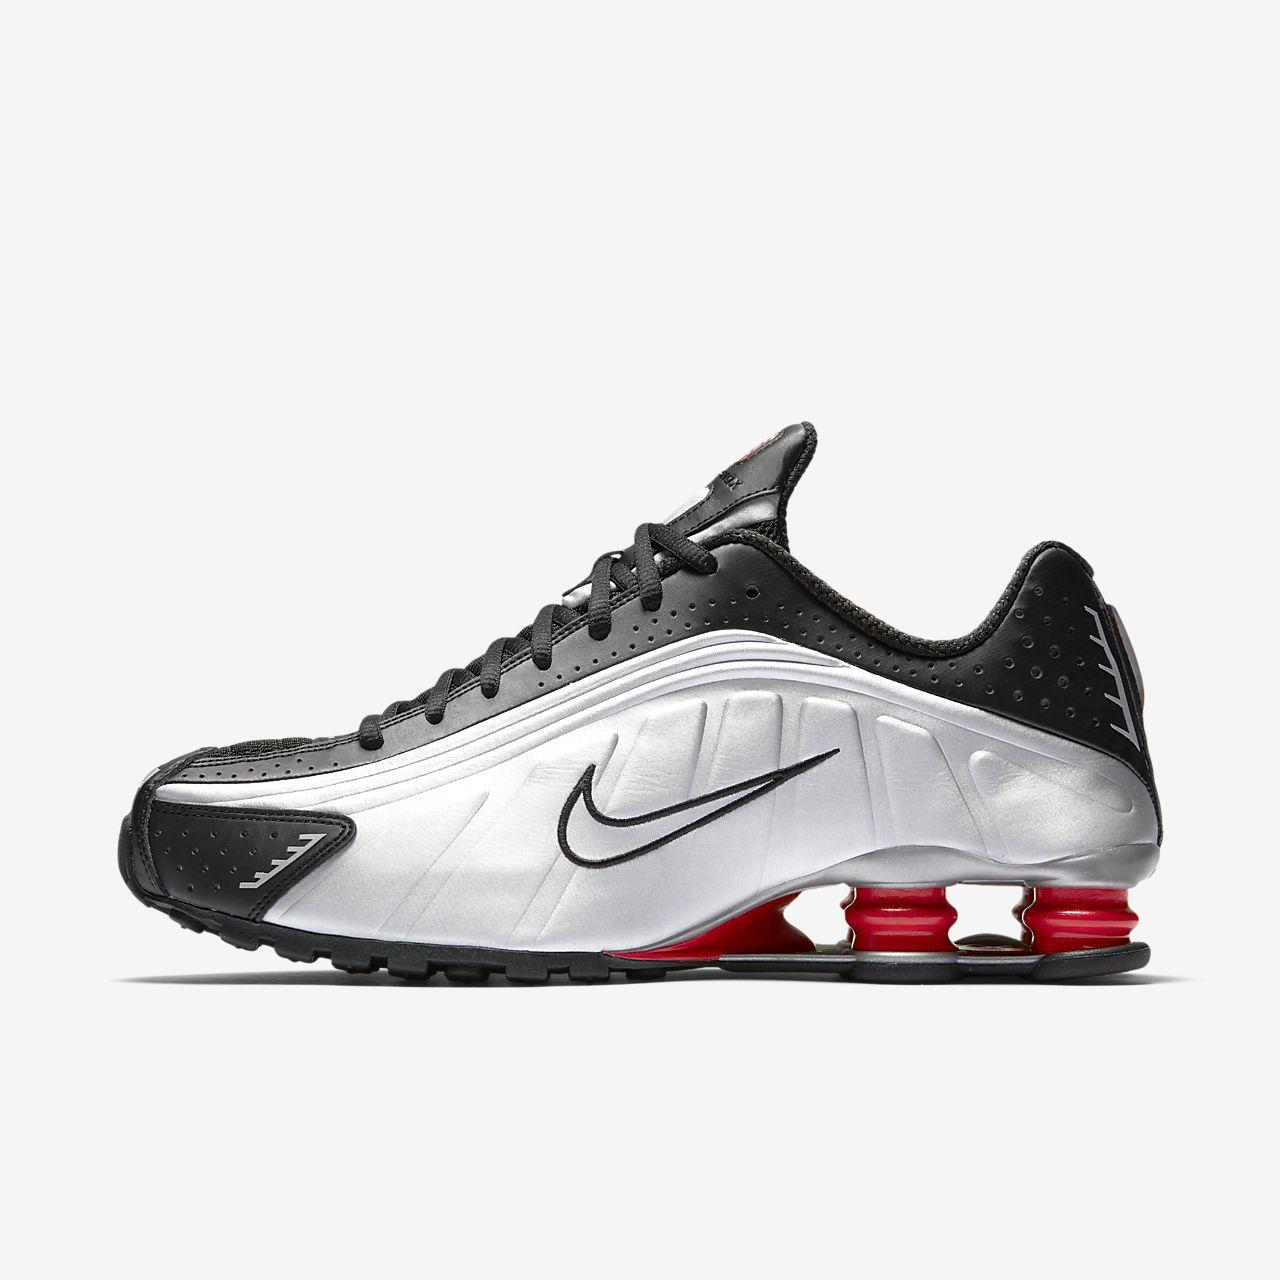 online store 8eb8b 9b04c Nike Shox R4 Shoe